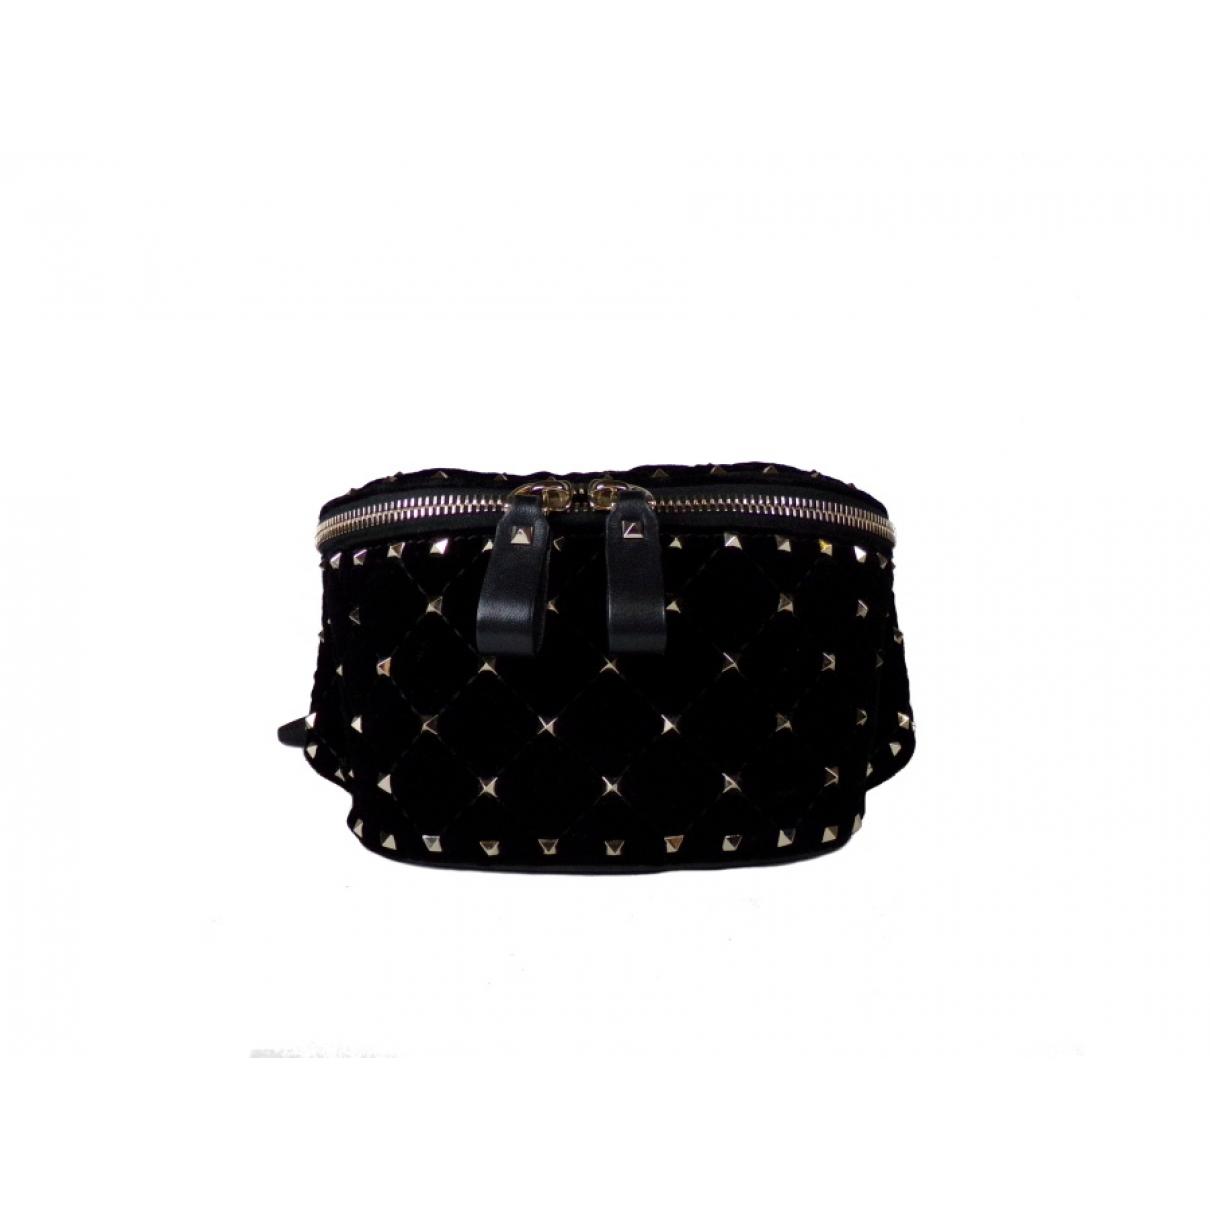 Valentino Garavani Rockstud spike Black Velvet handbag for Women N